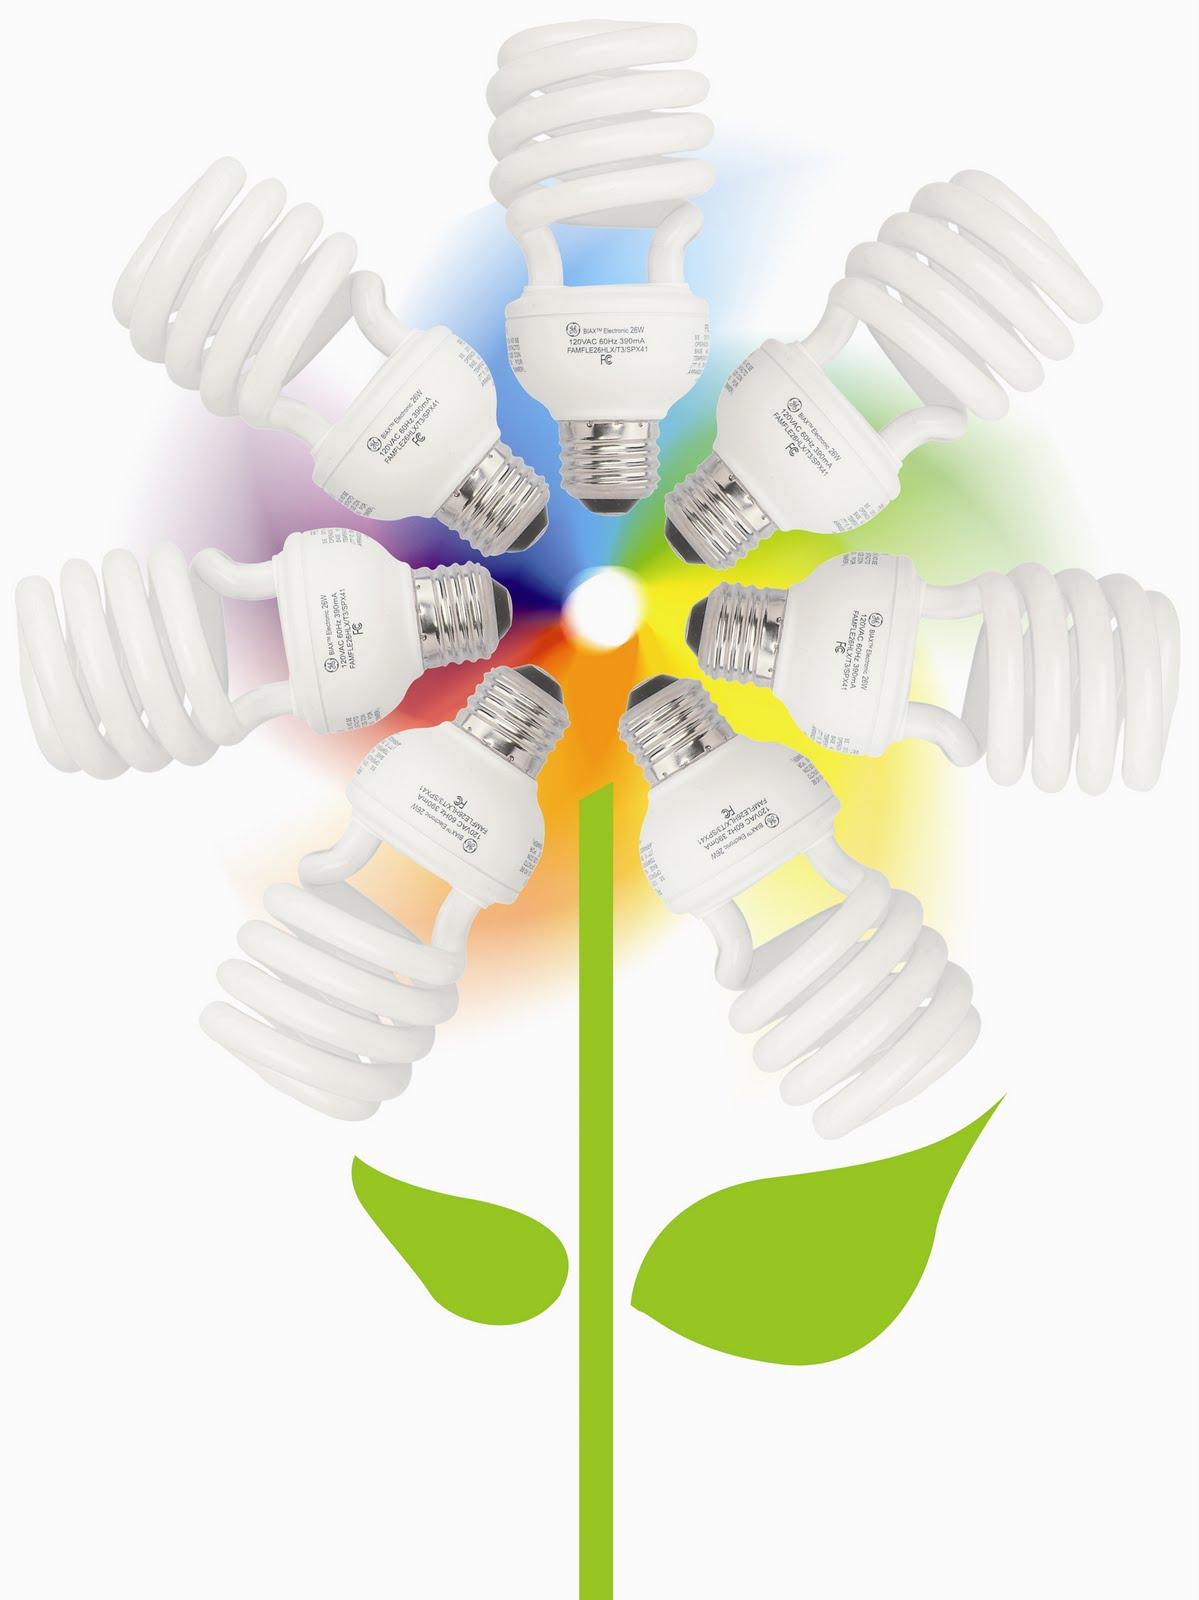 La gu a online 10 consejos para ahorrar energ a for Ahorrar calefaccion electrica